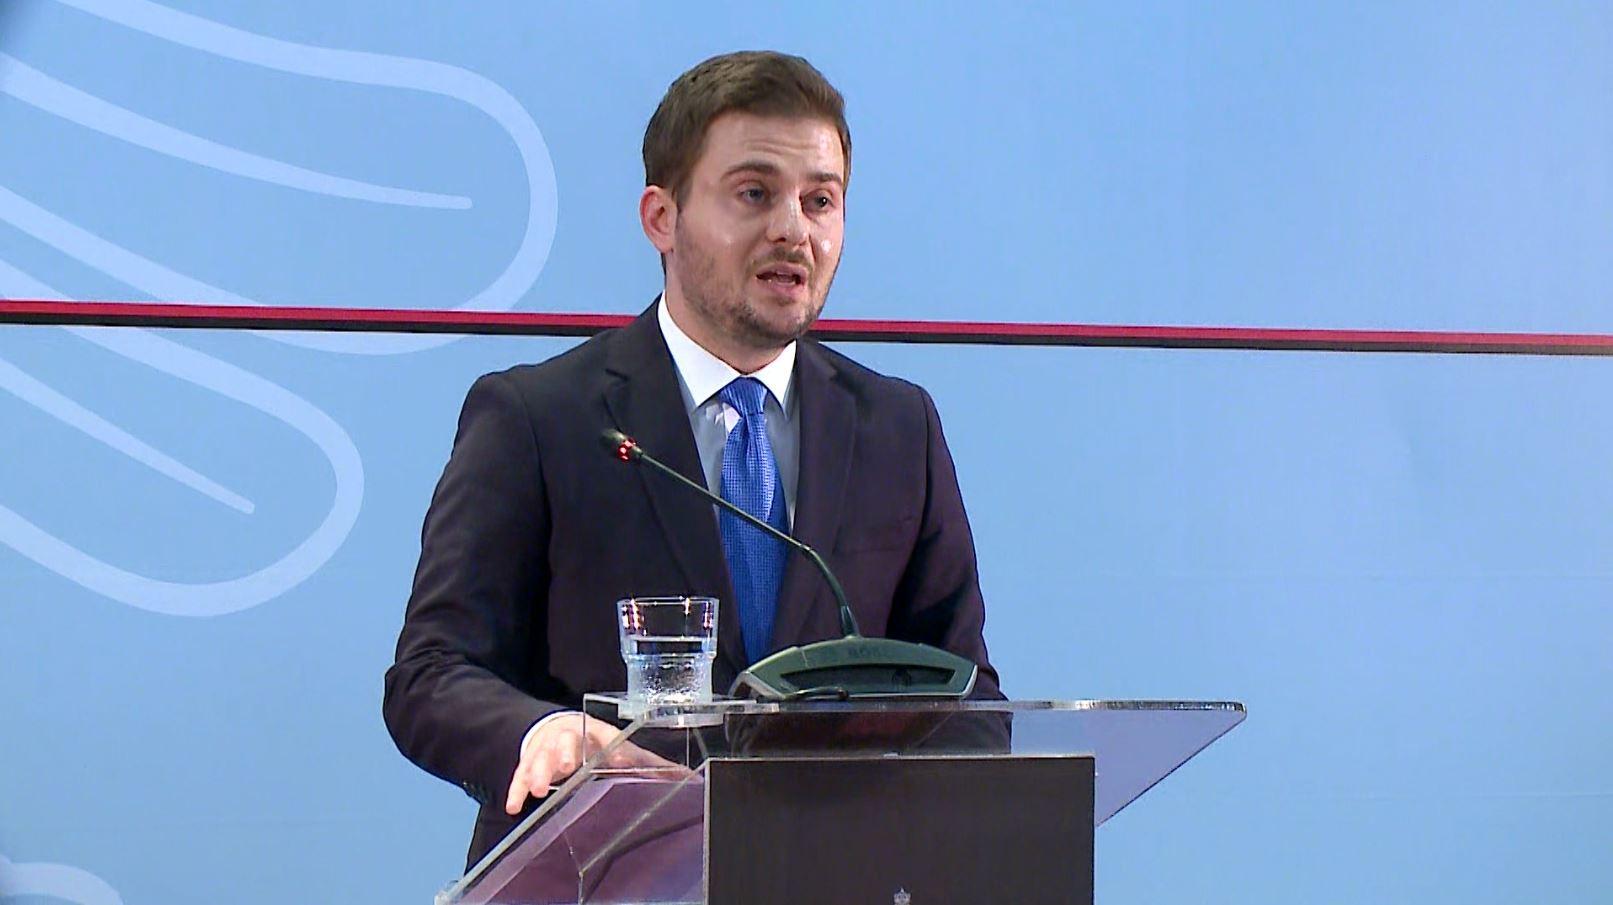 Ministri Cakaj: Këshilli i Evropës njeh 30 qershorin si datë zgjedhjesh